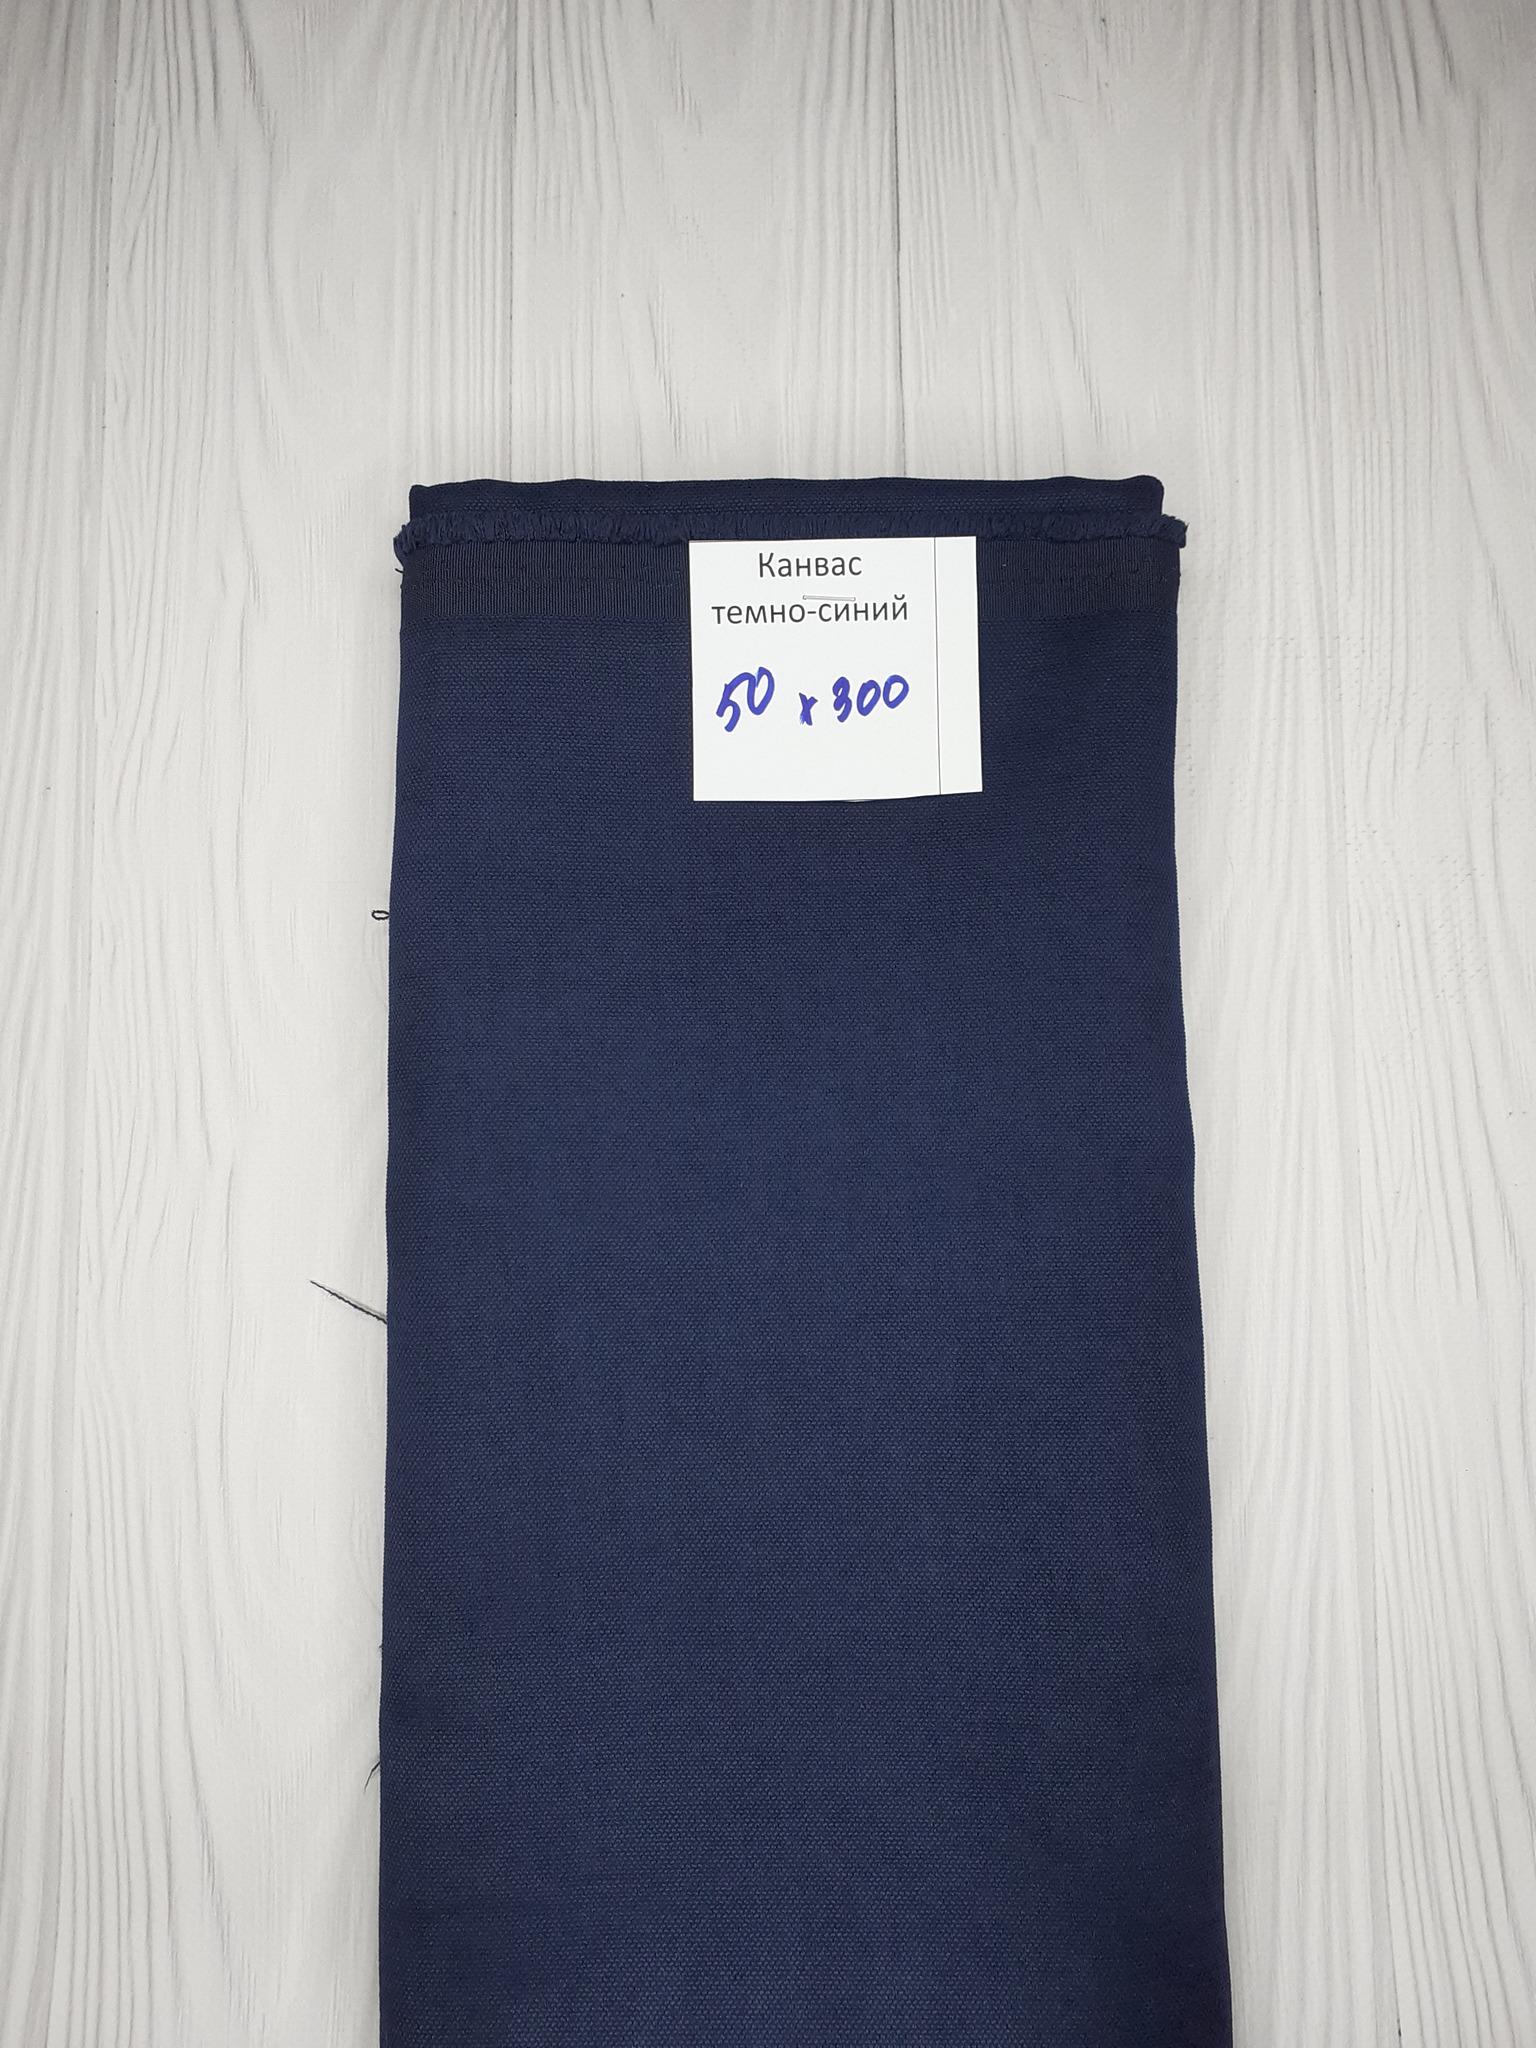 Канвас темно-синий (лоскут)